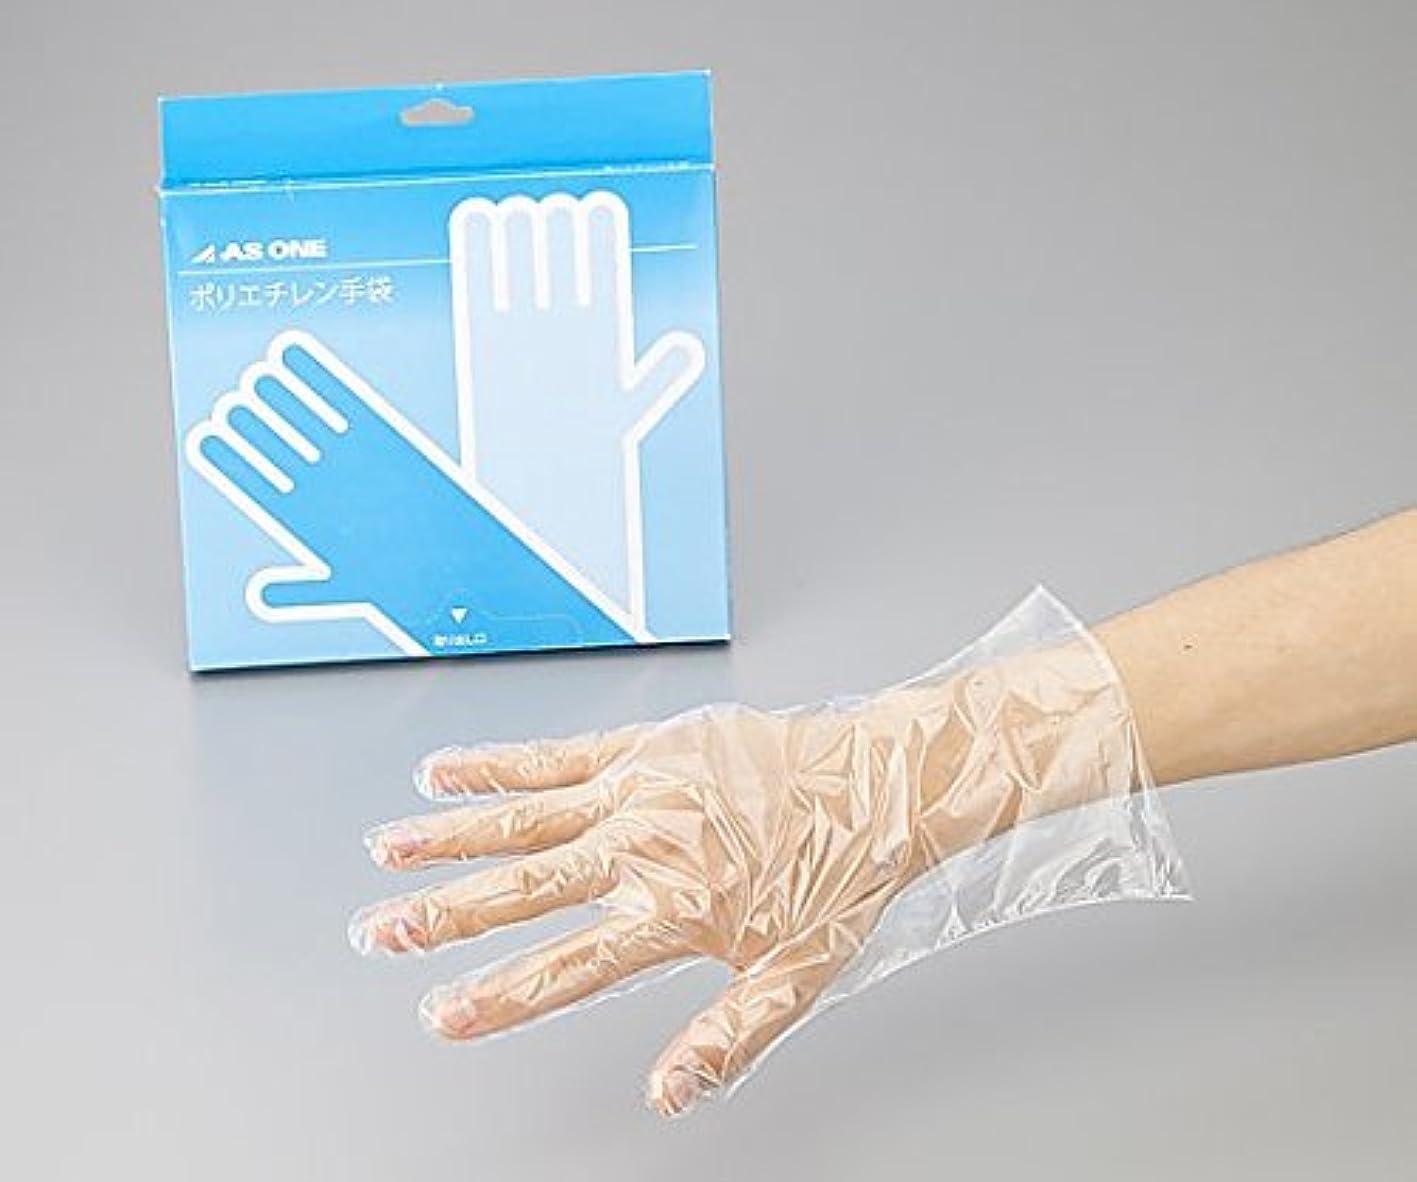 自分を引き上げる重荷究極のアズワン2-4973-03ポリエチレン手袋スタンダード標準厚S100枚入